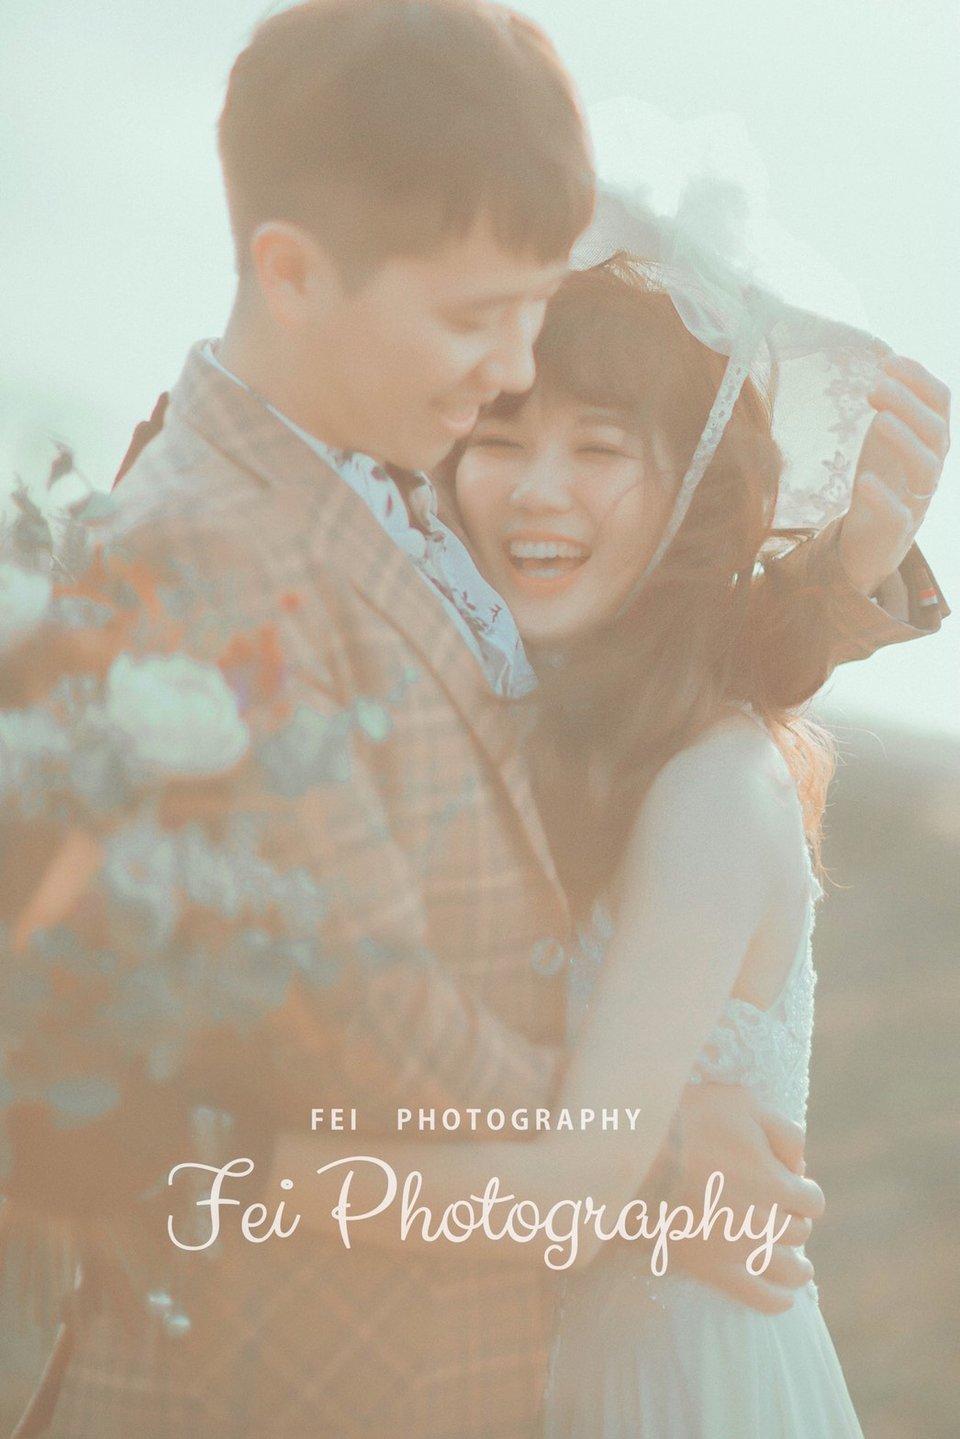 飛妃 Photography/女攝影師,最有內容的婚紗照